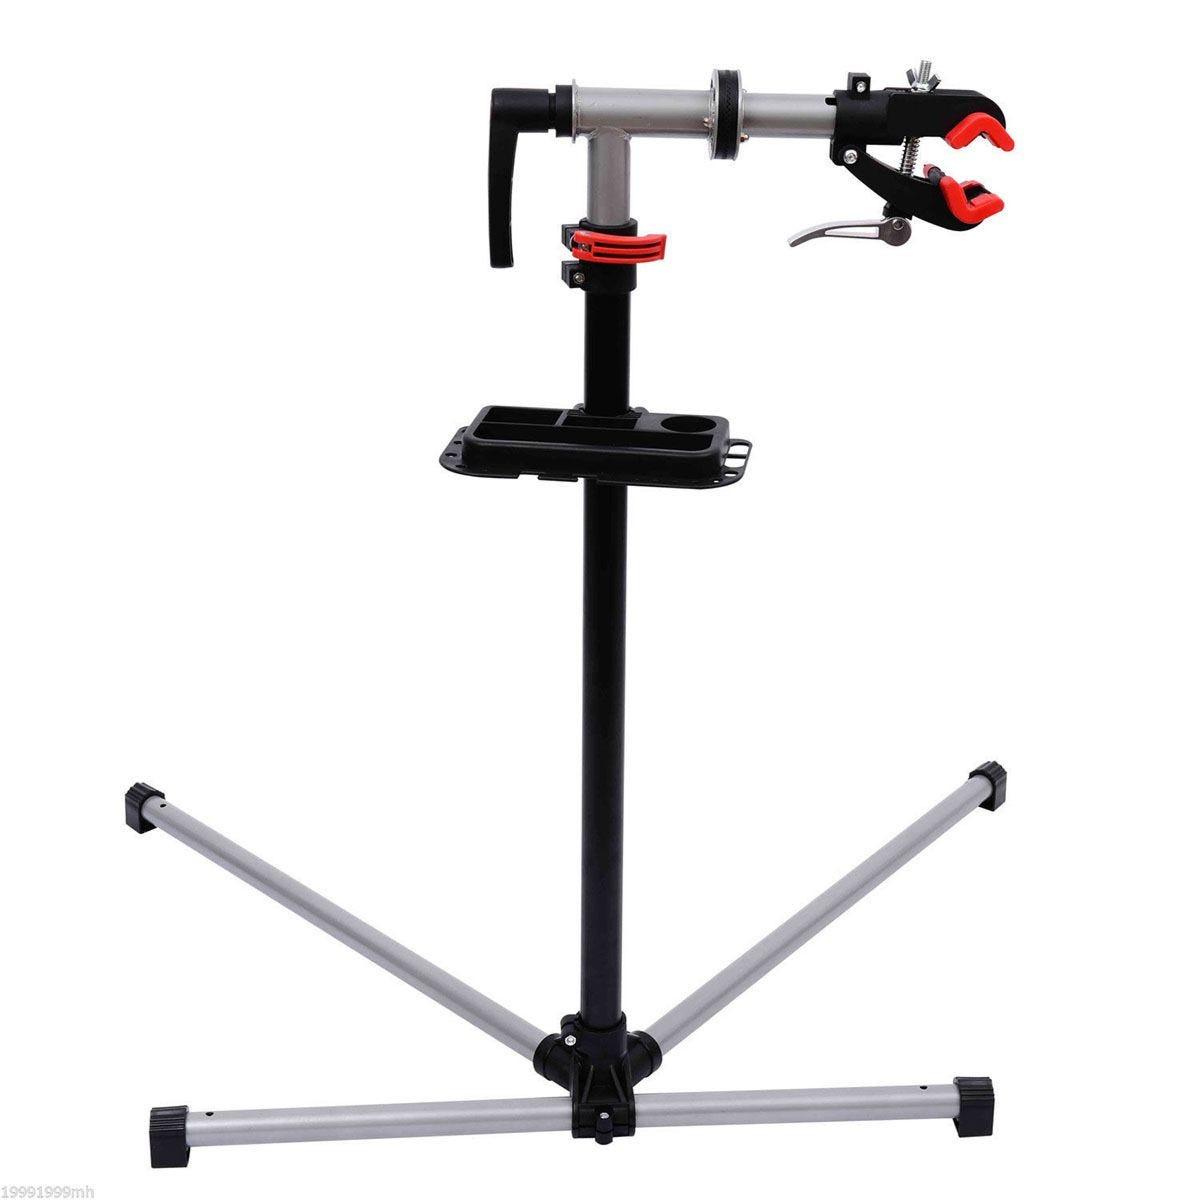 HOMCOM Adjustable Bicycle Repair Stand- Silvery Grey